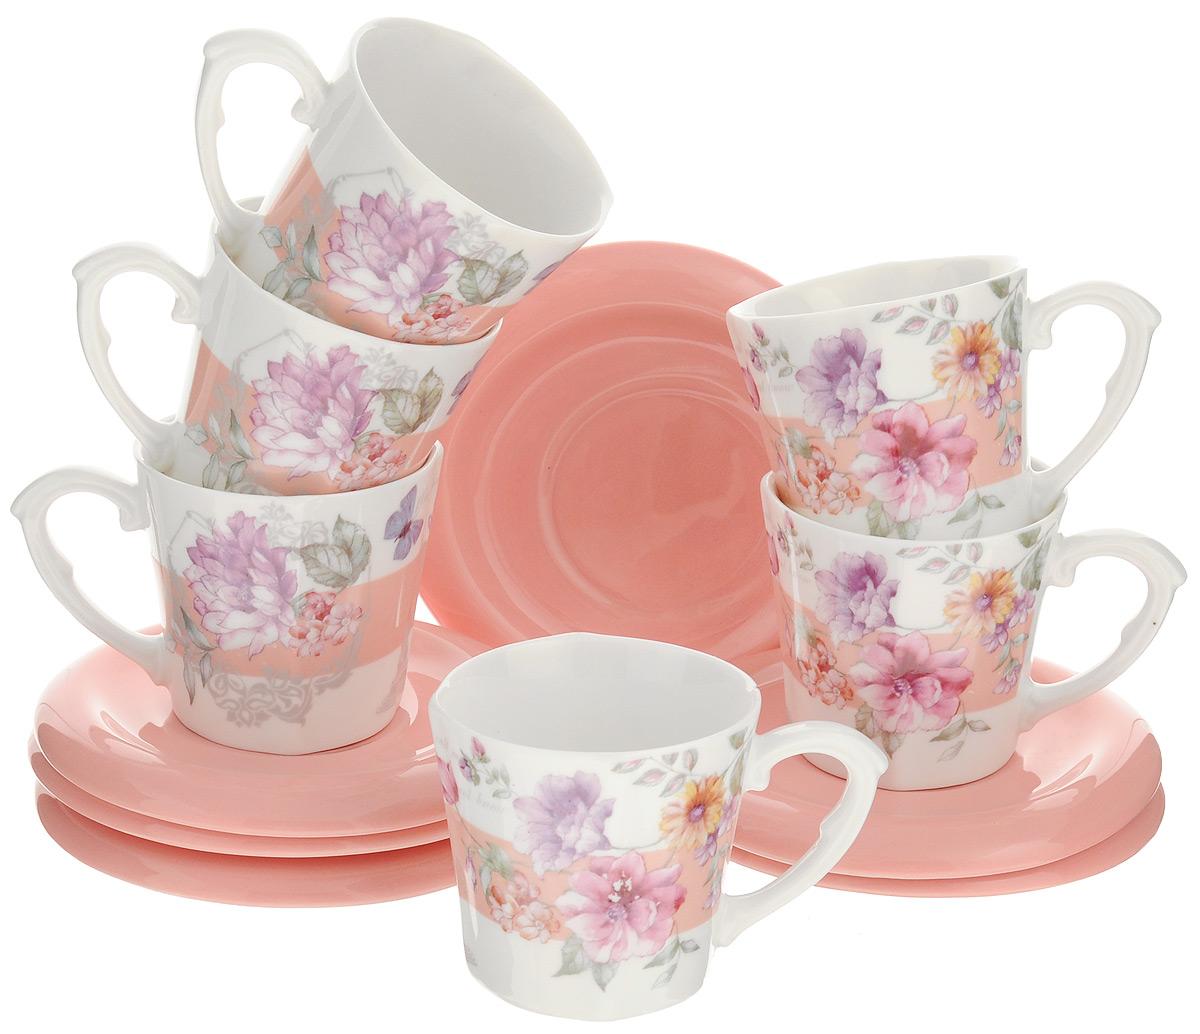 Набор кофейный Loraine, 12 предметов. 2472124721Кофейный набор Loraine состоит из 6 чашек и 6 блюдец. Изделия, выполненные из высококачественной керамики, имеют яркий дизайн и оригинальную круглую форму. Такой набор прекрасно подойдет как для повседневного использования, так и для праздников. Набор Loraine - это не только яркий и полезный подарок для родных и близких, но и великолепное дизайнерское решение для вашей кухни или столовой. Диаметр чашки (по верхнему краю): 6,5 см. Высота чашки: 6 см. Диаметр блюдца: 11,5 см. Высота блюдца: 1,2 см. Объем чашки: 100 мл.